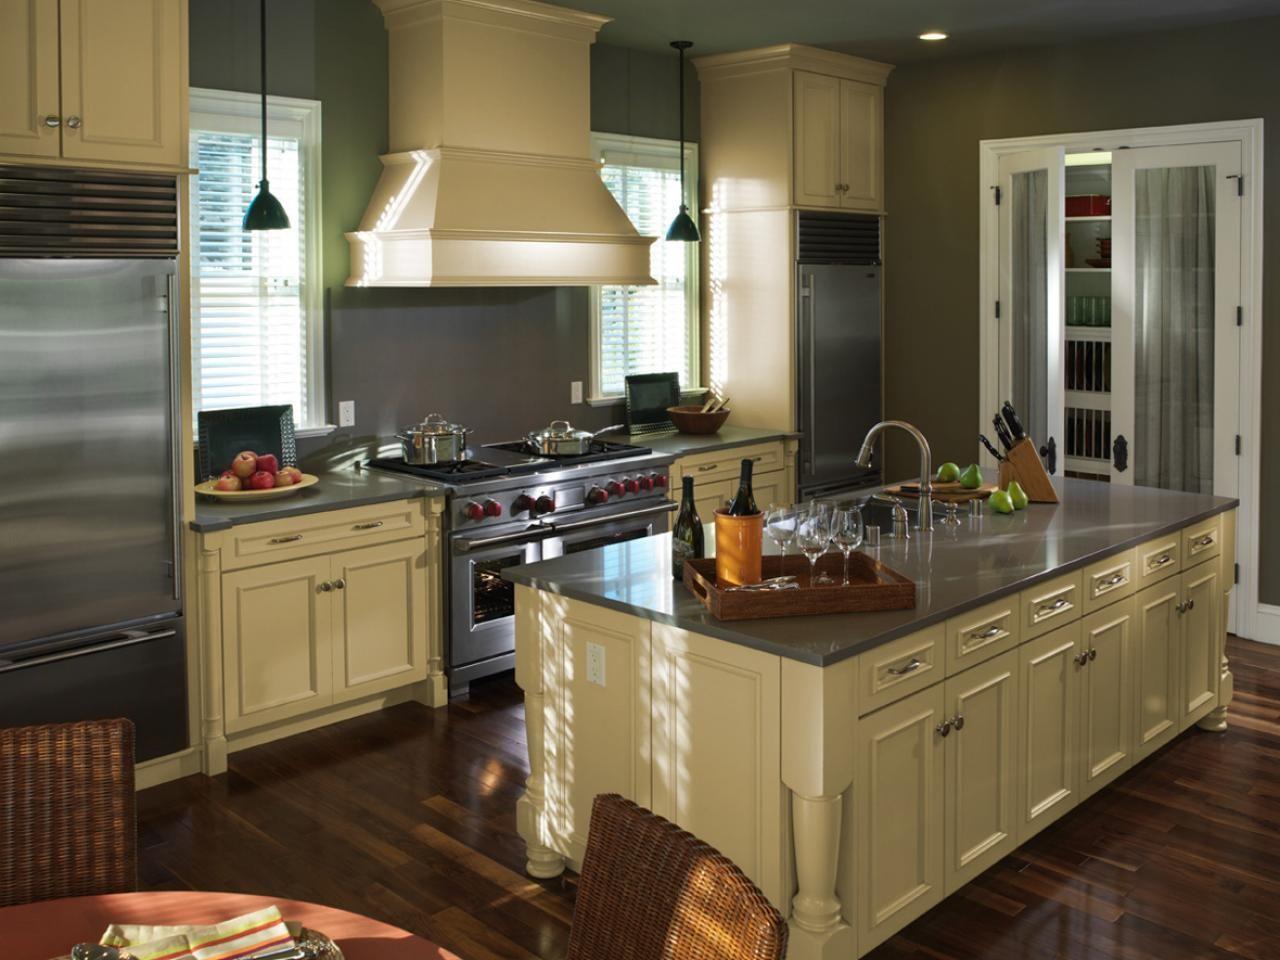 Quarz badezimmer ideen  archaicawful quarz arbeitsplatten küche bilder ideen  wie die